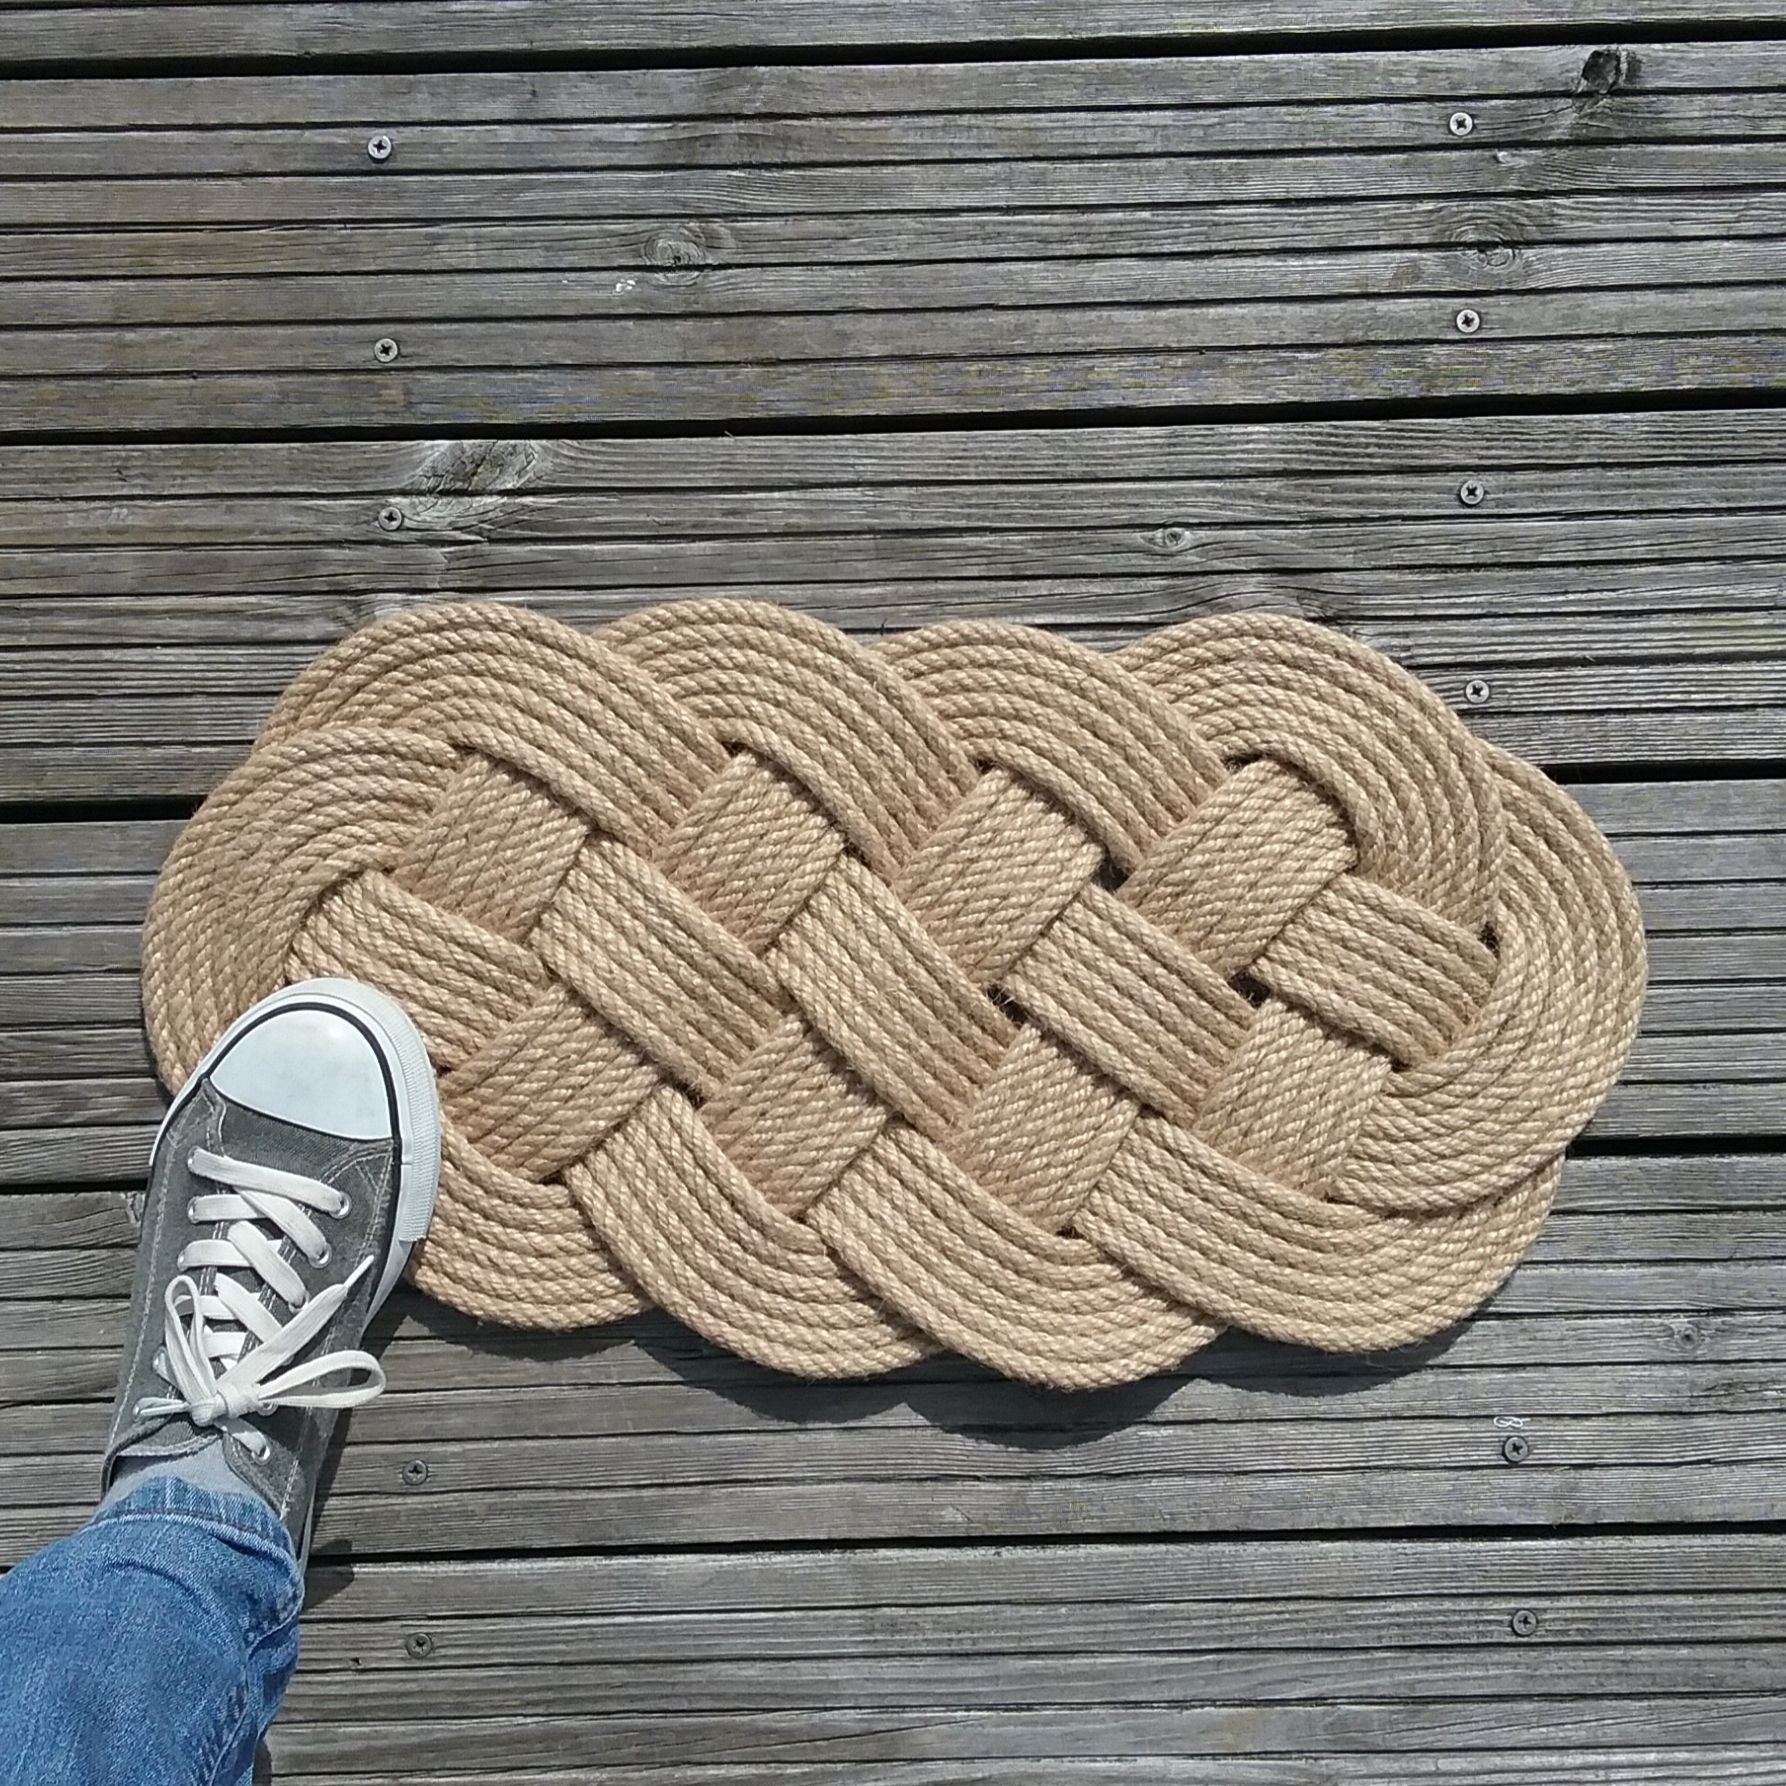 Ocean plait mat